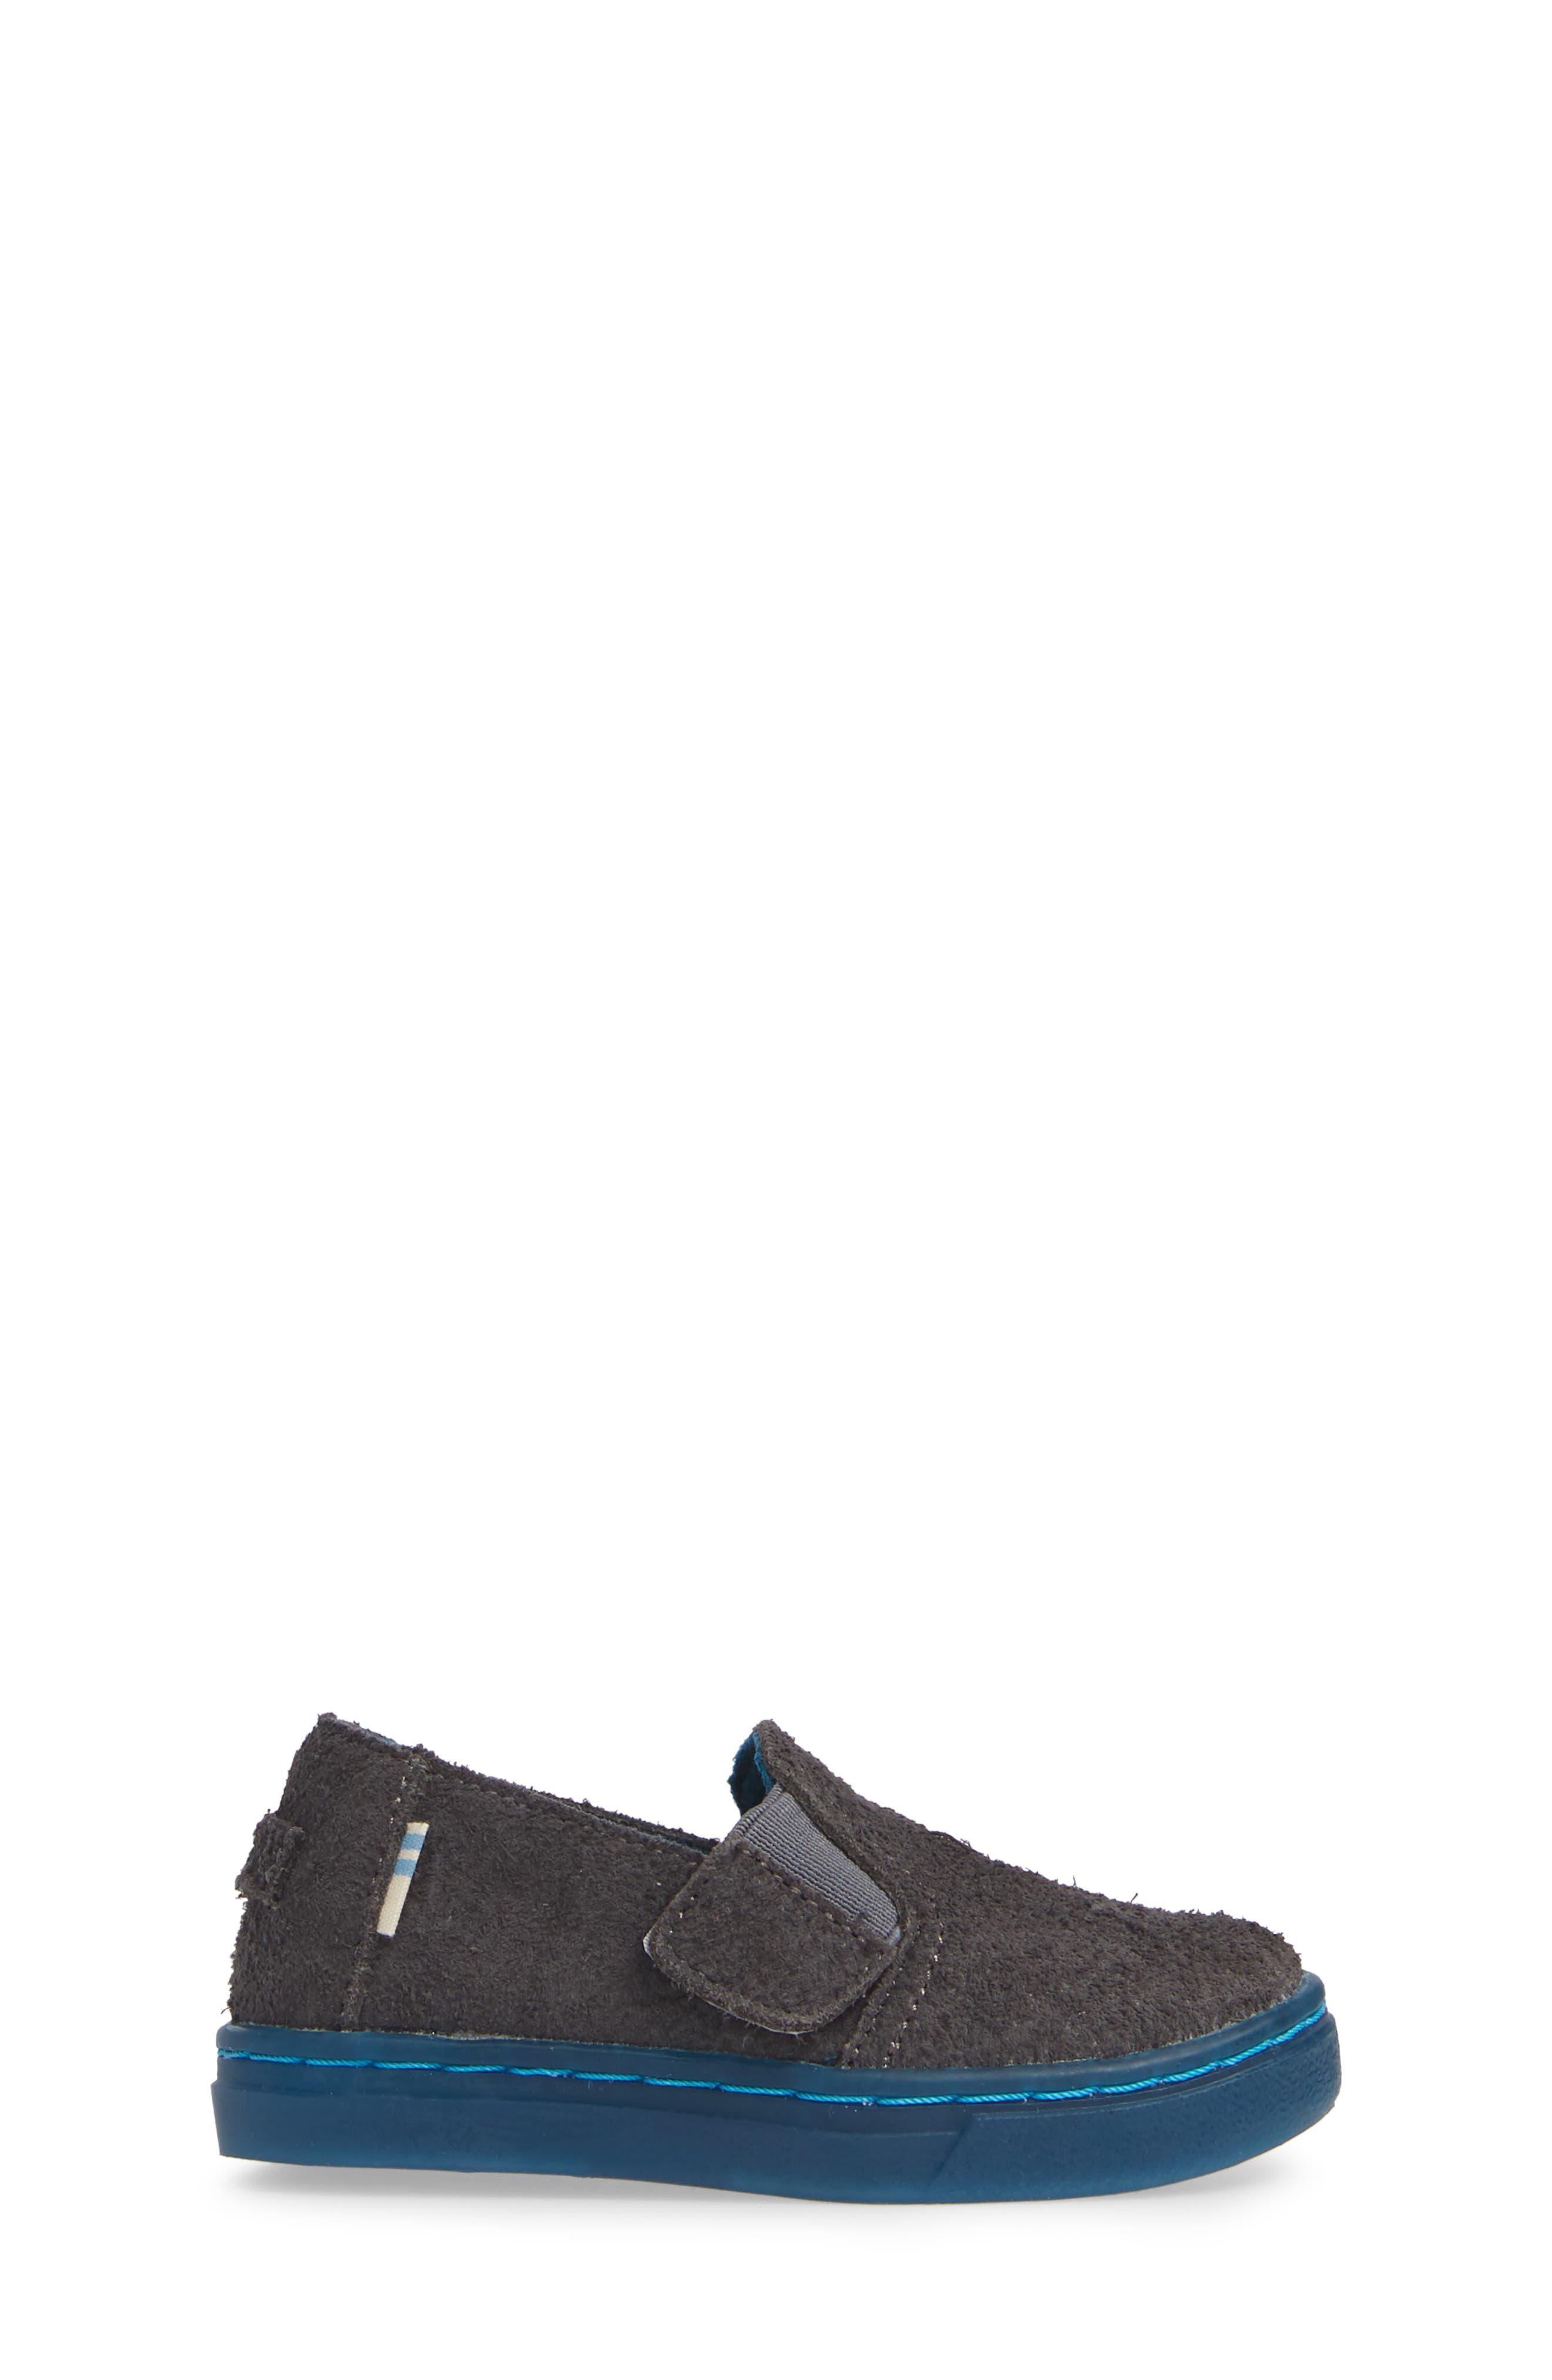 Luca Slip-On Sneaker,                             Alternate thumbnail 20, color,